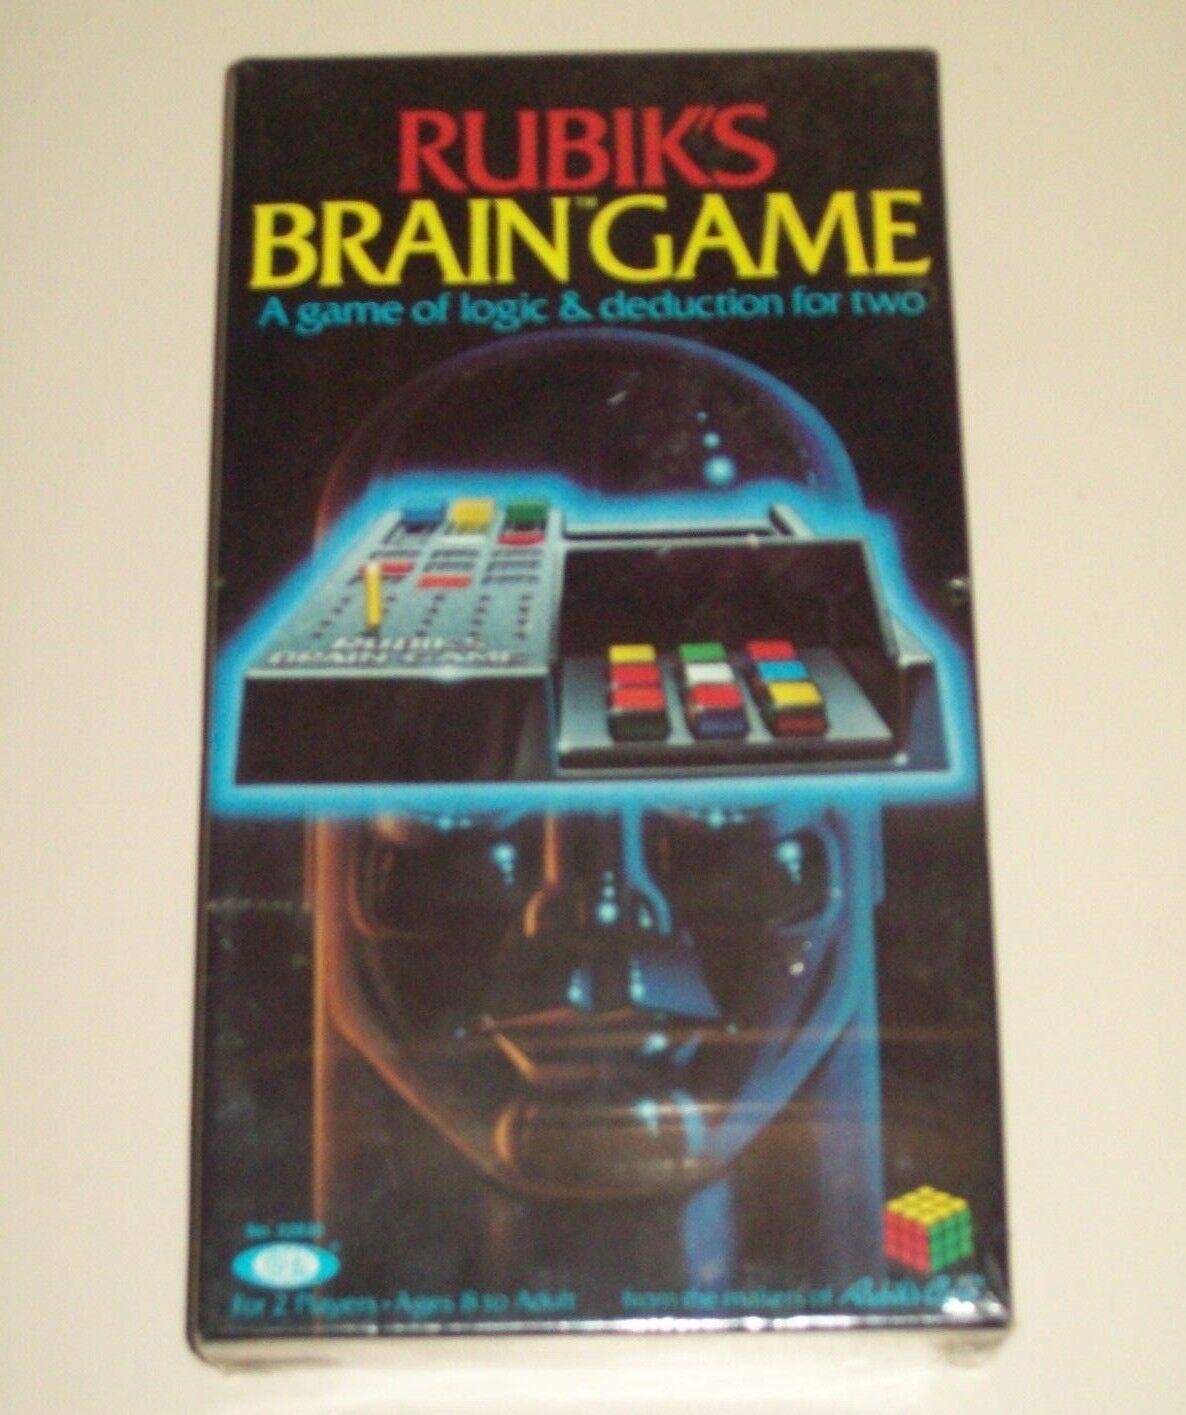 Vintage Rubik cerebro Juego-Ideal-logic & deducción-para 2 jugadores-Sellado